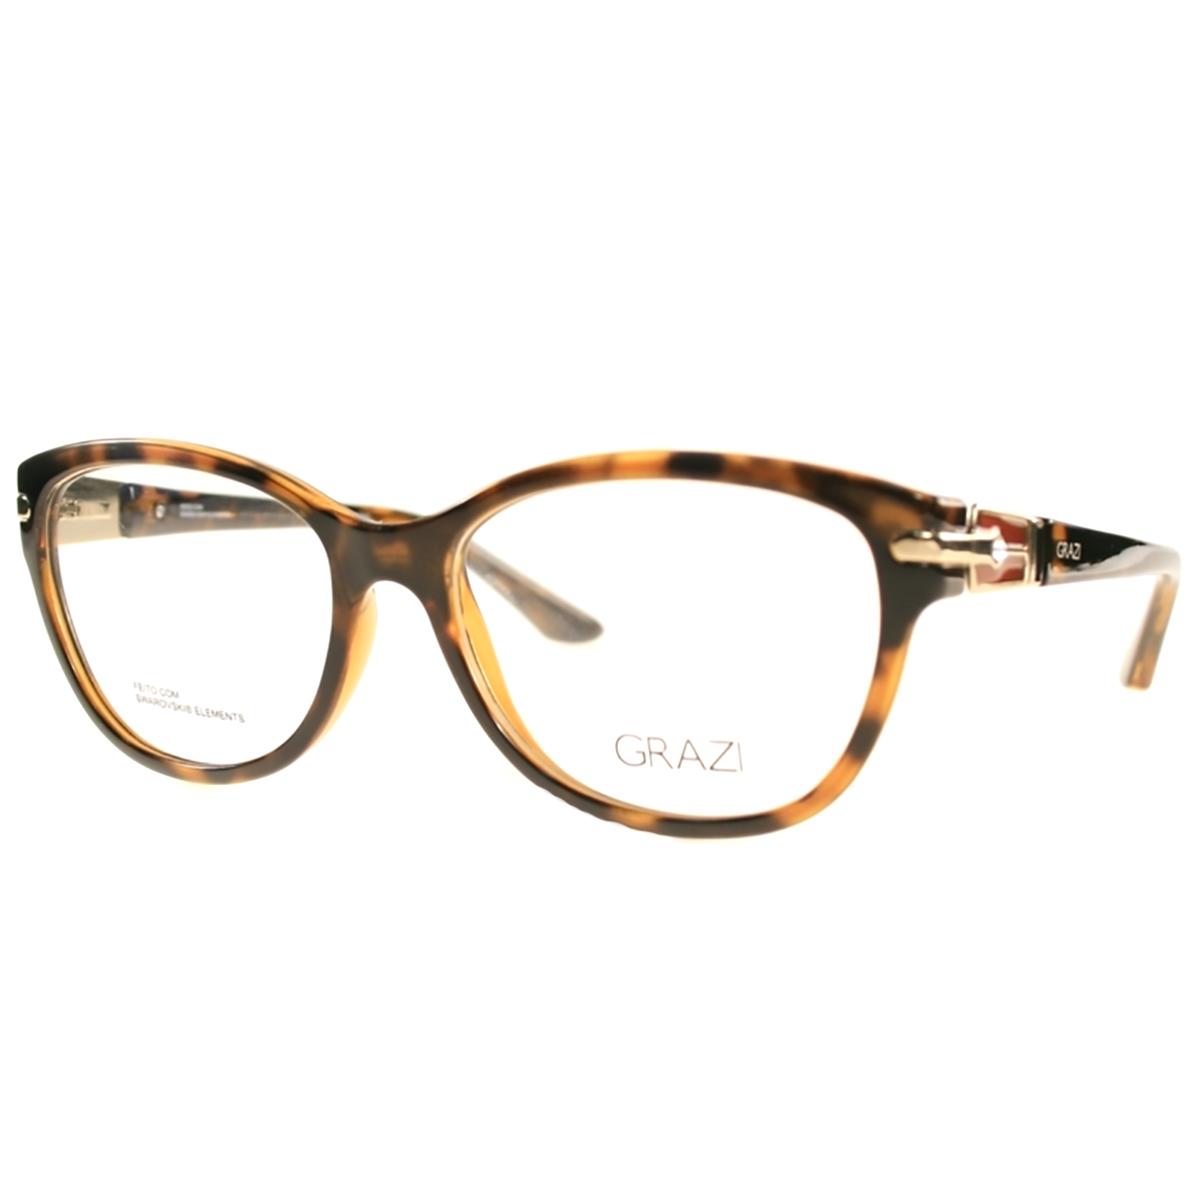 84b485c9f Compre Óculos de Grau Grazi Massafera em 10X | Tri-Jóia Shop